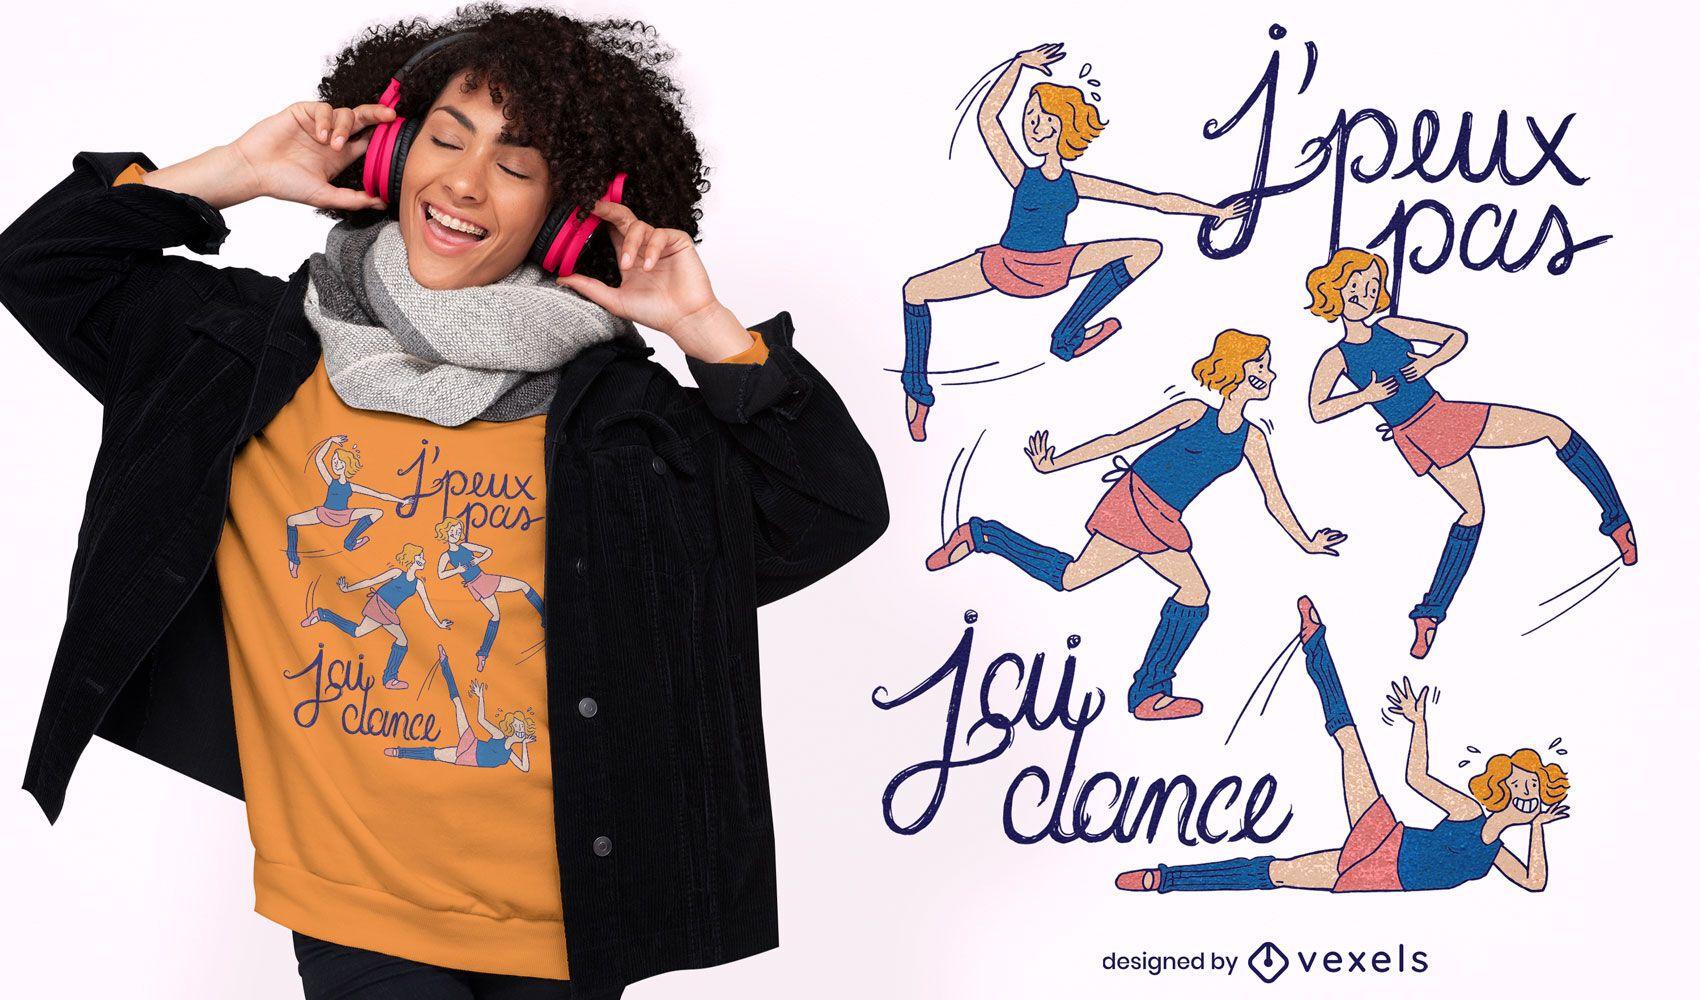 Design desajeitado de camiseta para dançarina de balé